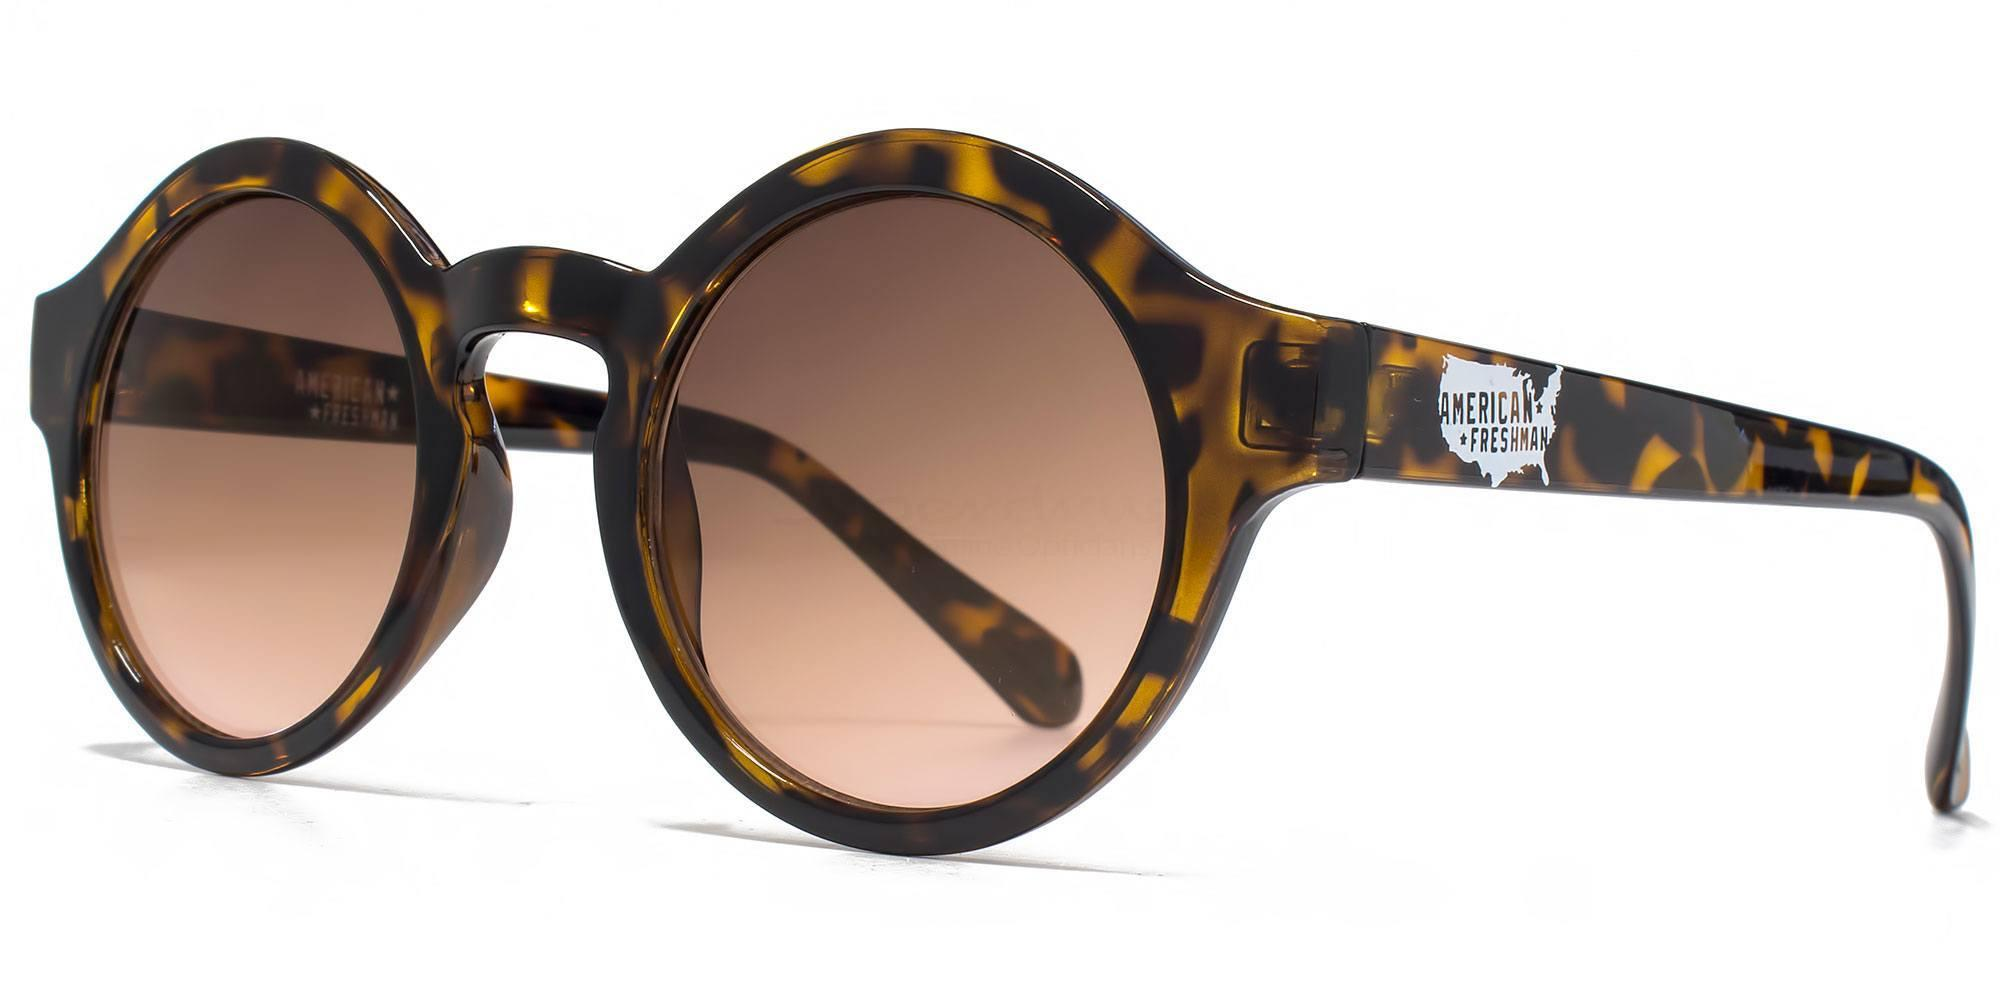 AFS005 PIPER Sunglasses, American Freshman